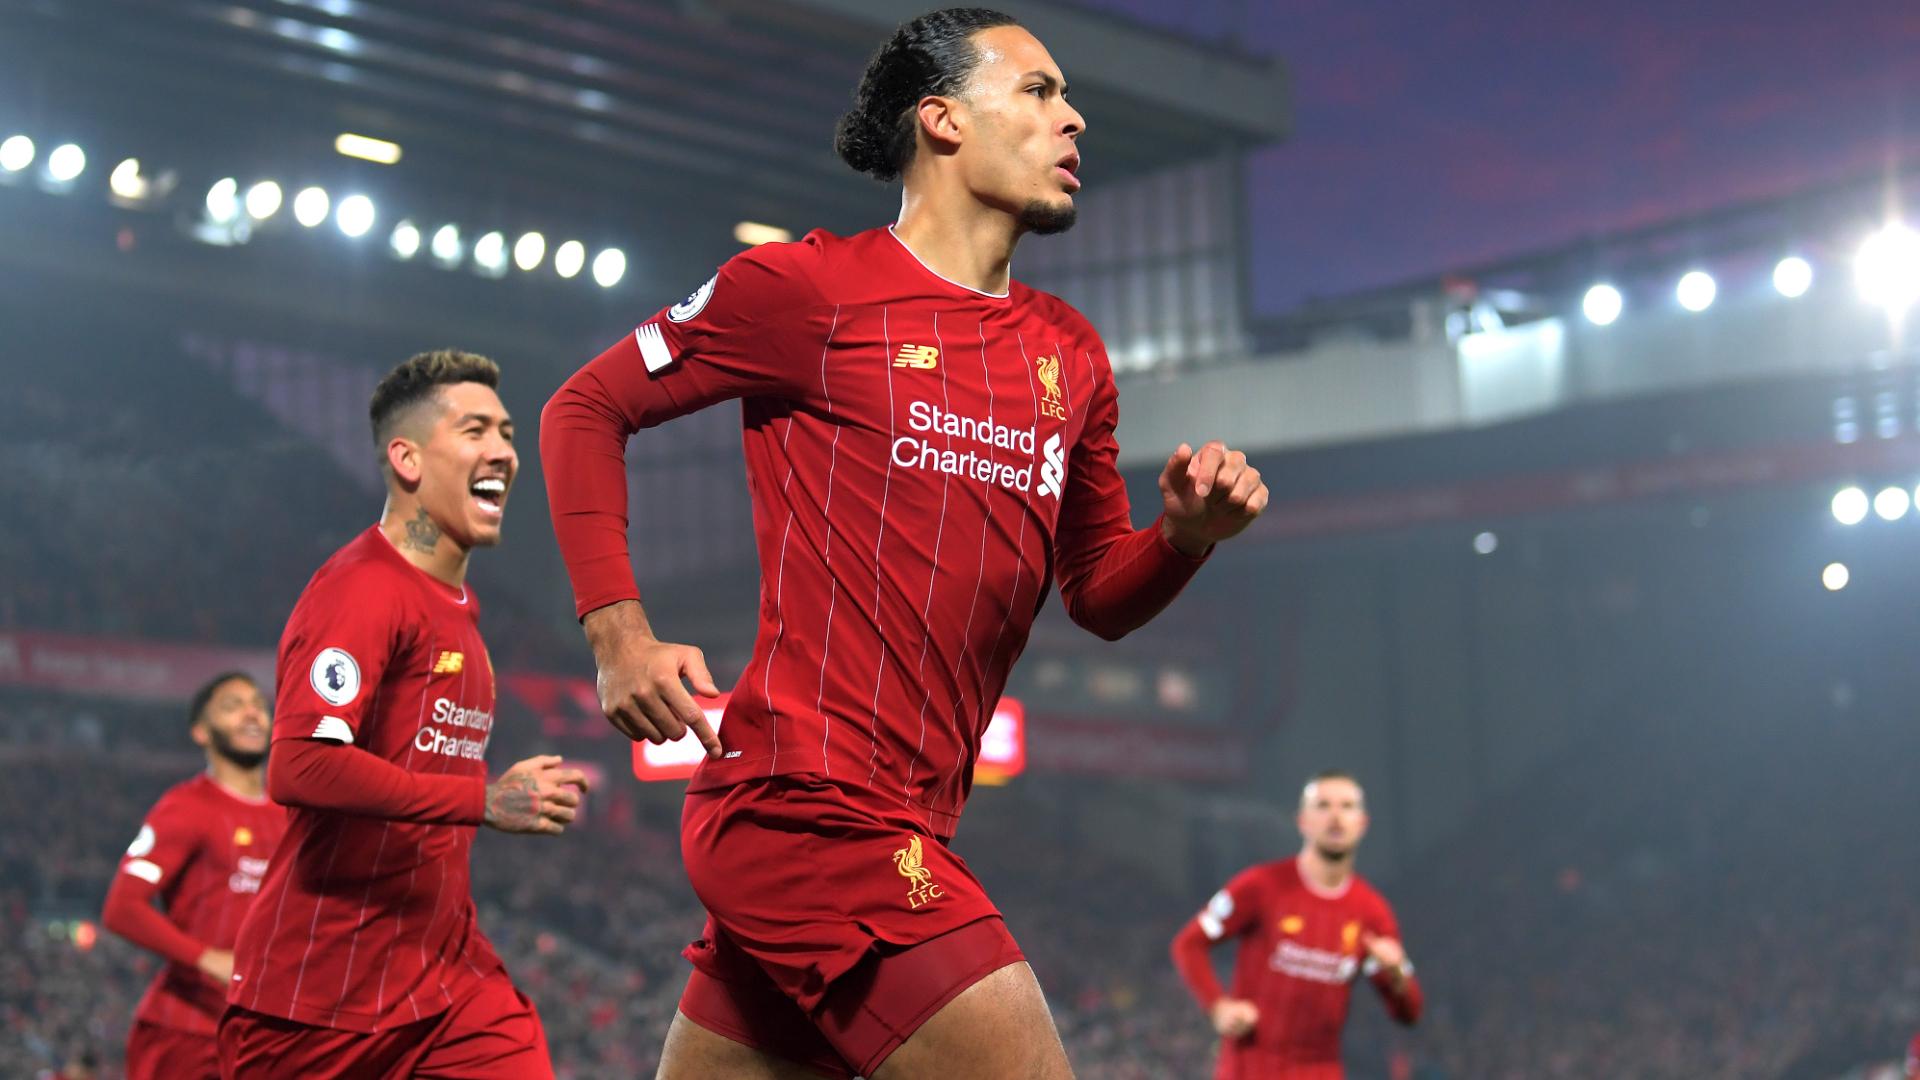 Liverpool-United (2-0) - La promenade de santé se poursuit pour les Reds